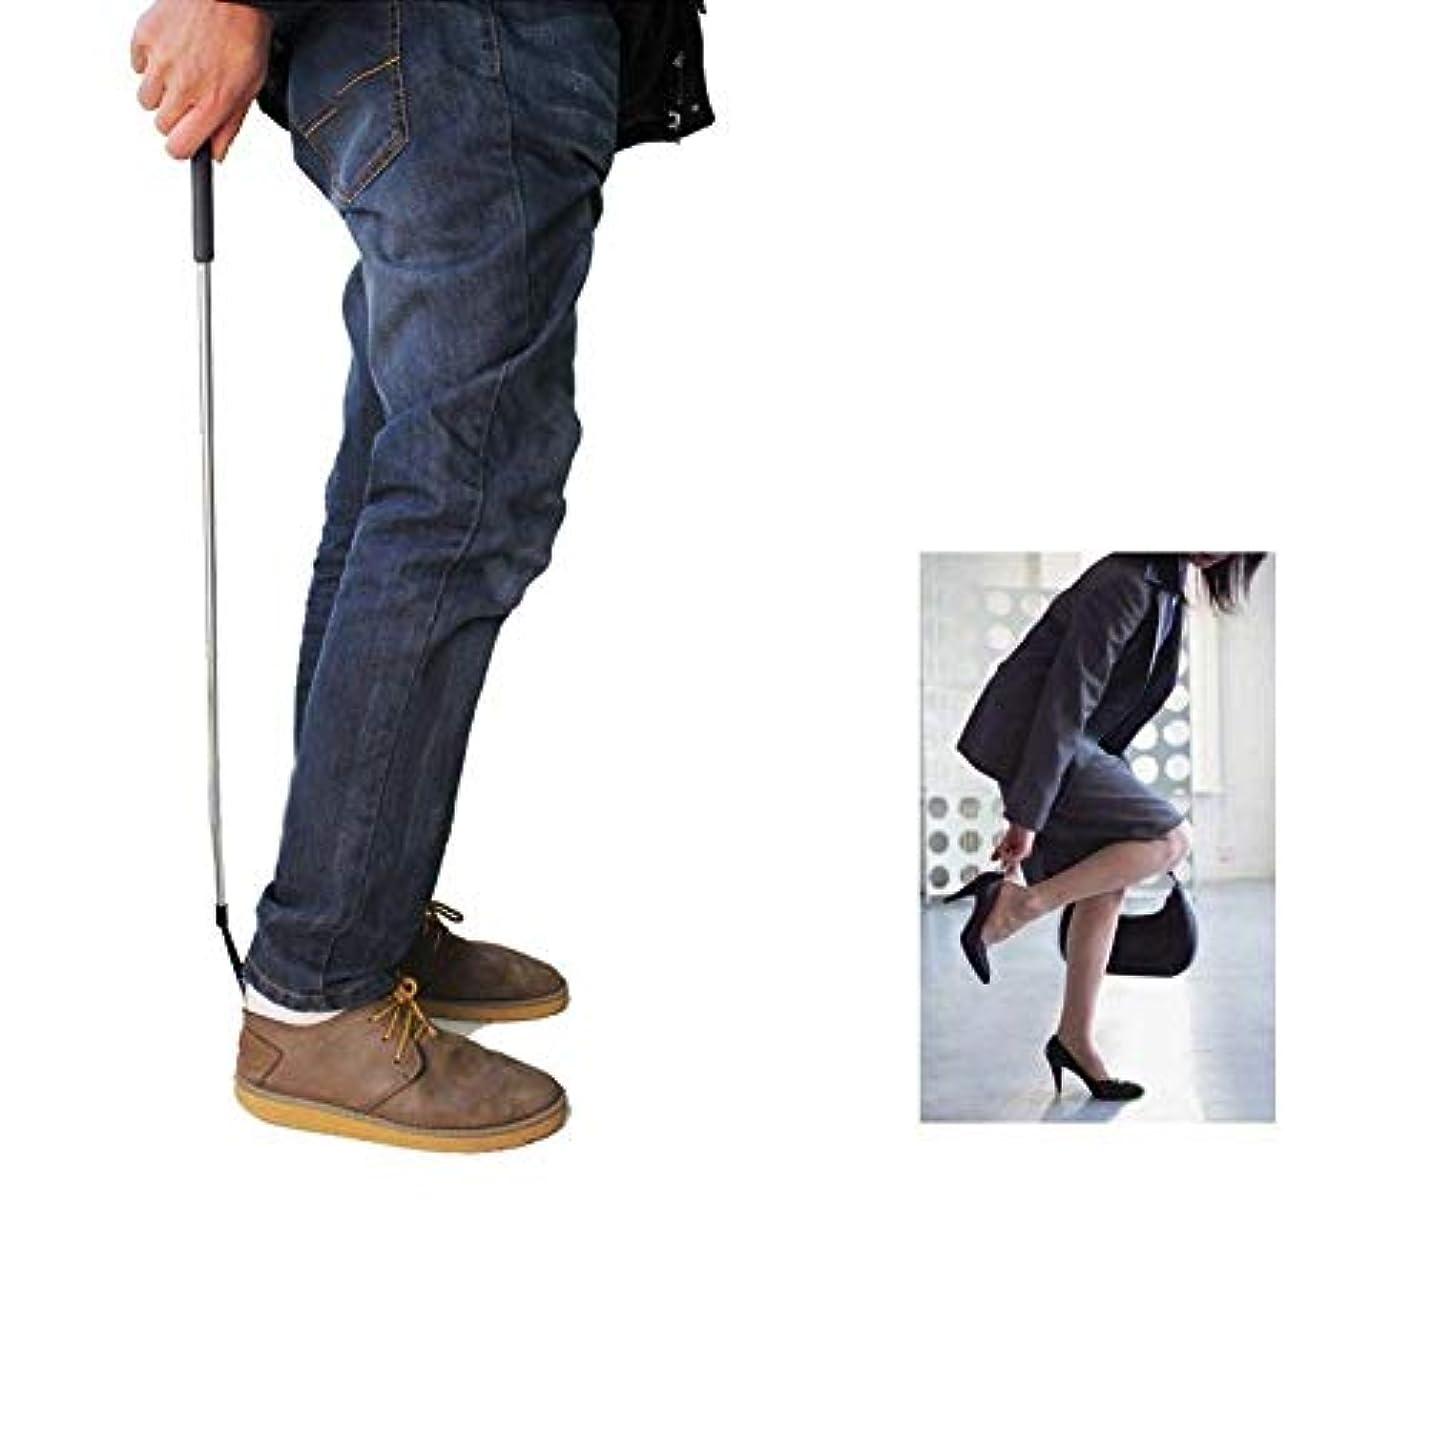 孤独な虚栄心敬意を表してPichidr-JP 靴べら シューホーン くつべら 靴 長ヘラ 携帯 伸縮自在 シューケア ロング 軽量 高齢者 靴の角拡張可能&折りたたみ 男性女性靴